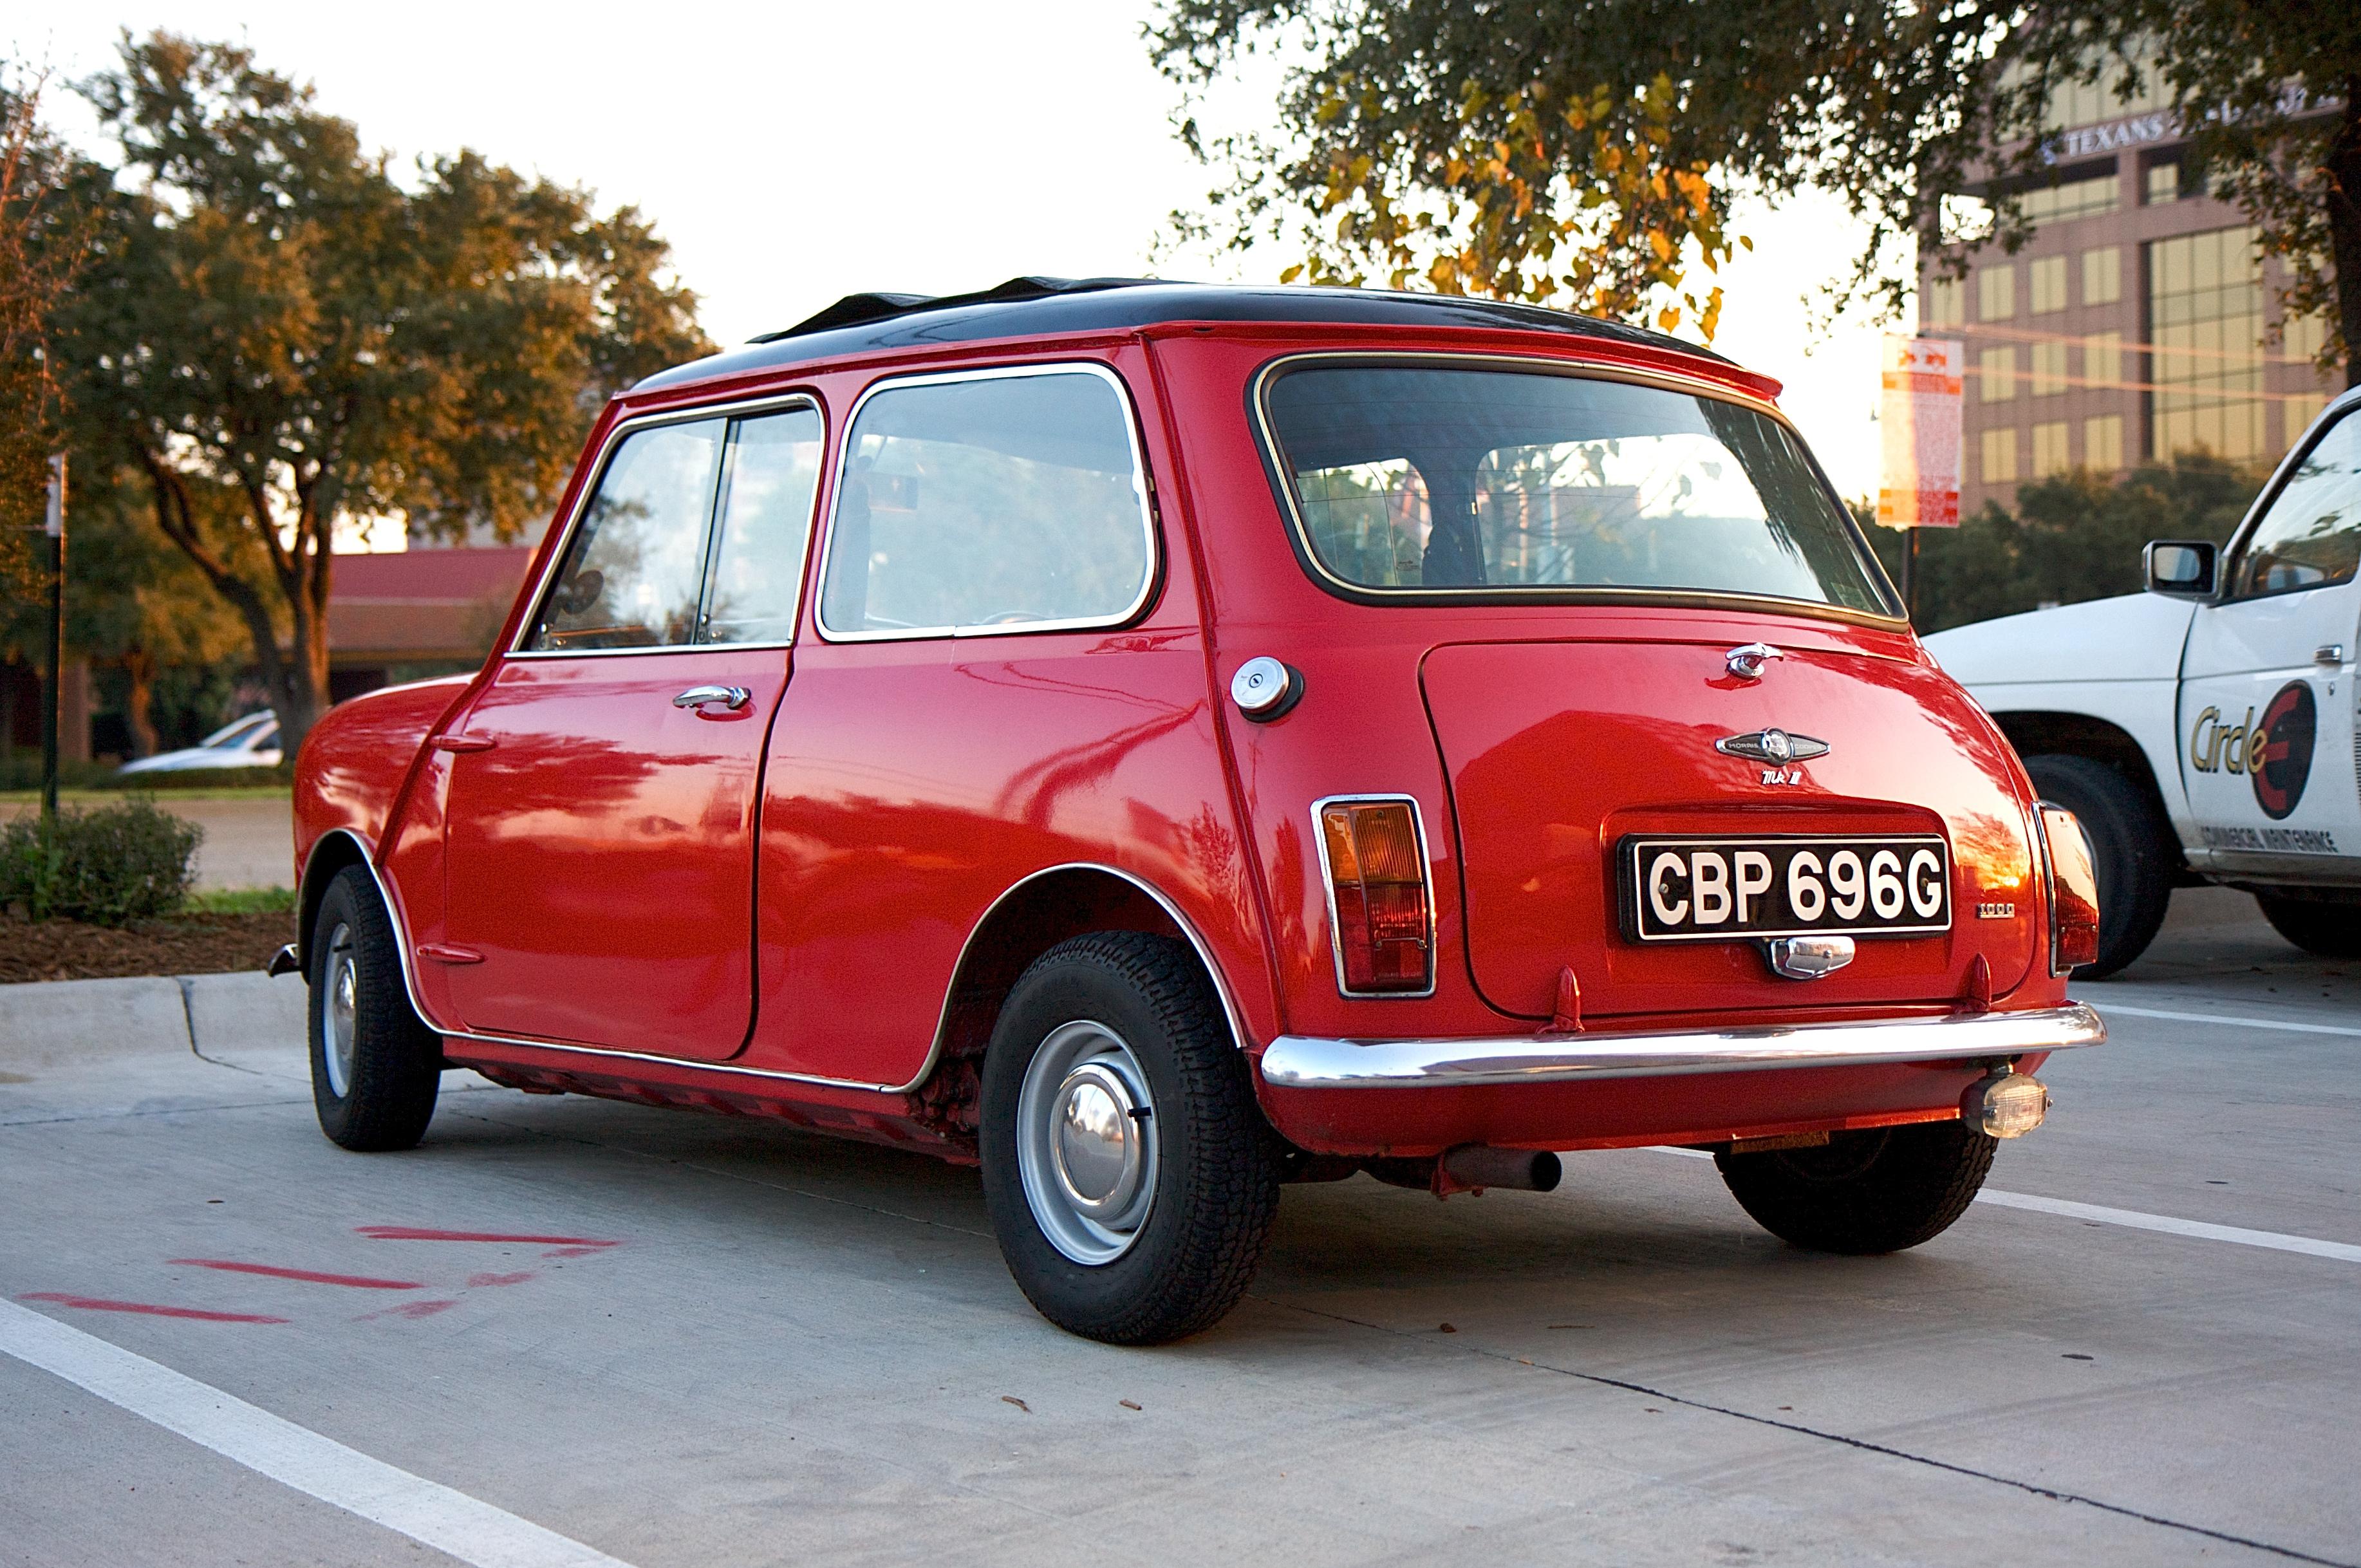 the mutated MINI Coupe.